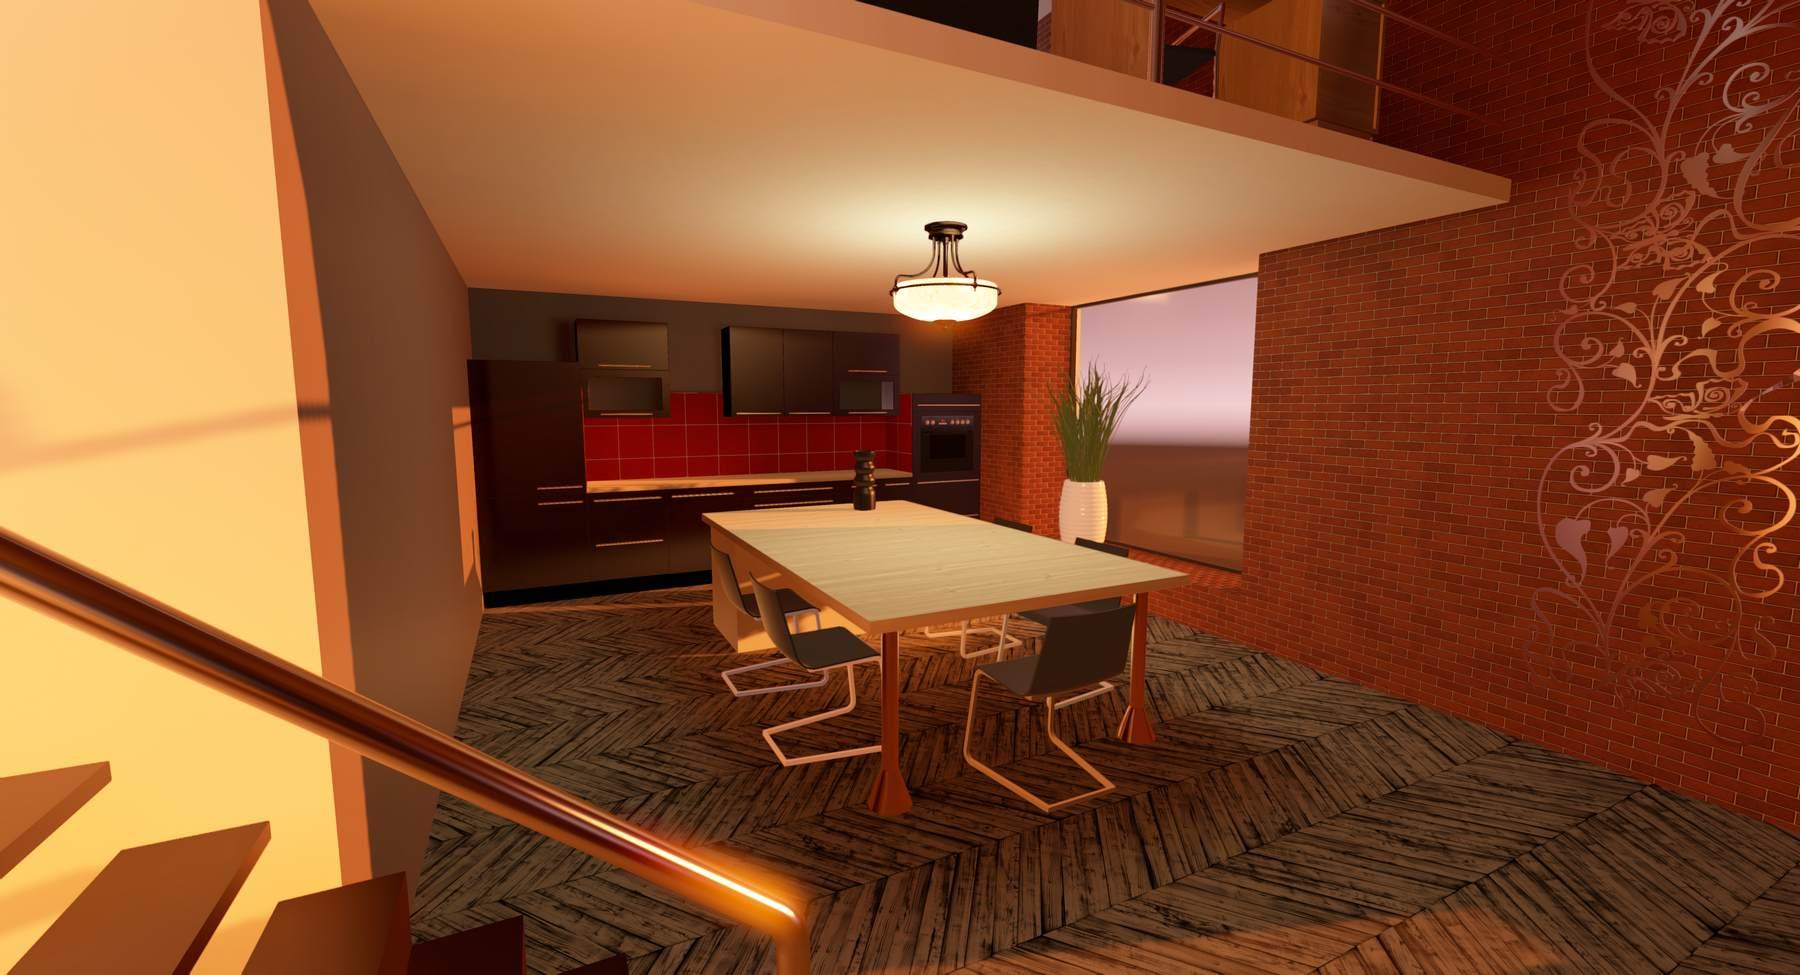 Visite virtuelle d'un loft: démo Unity 5